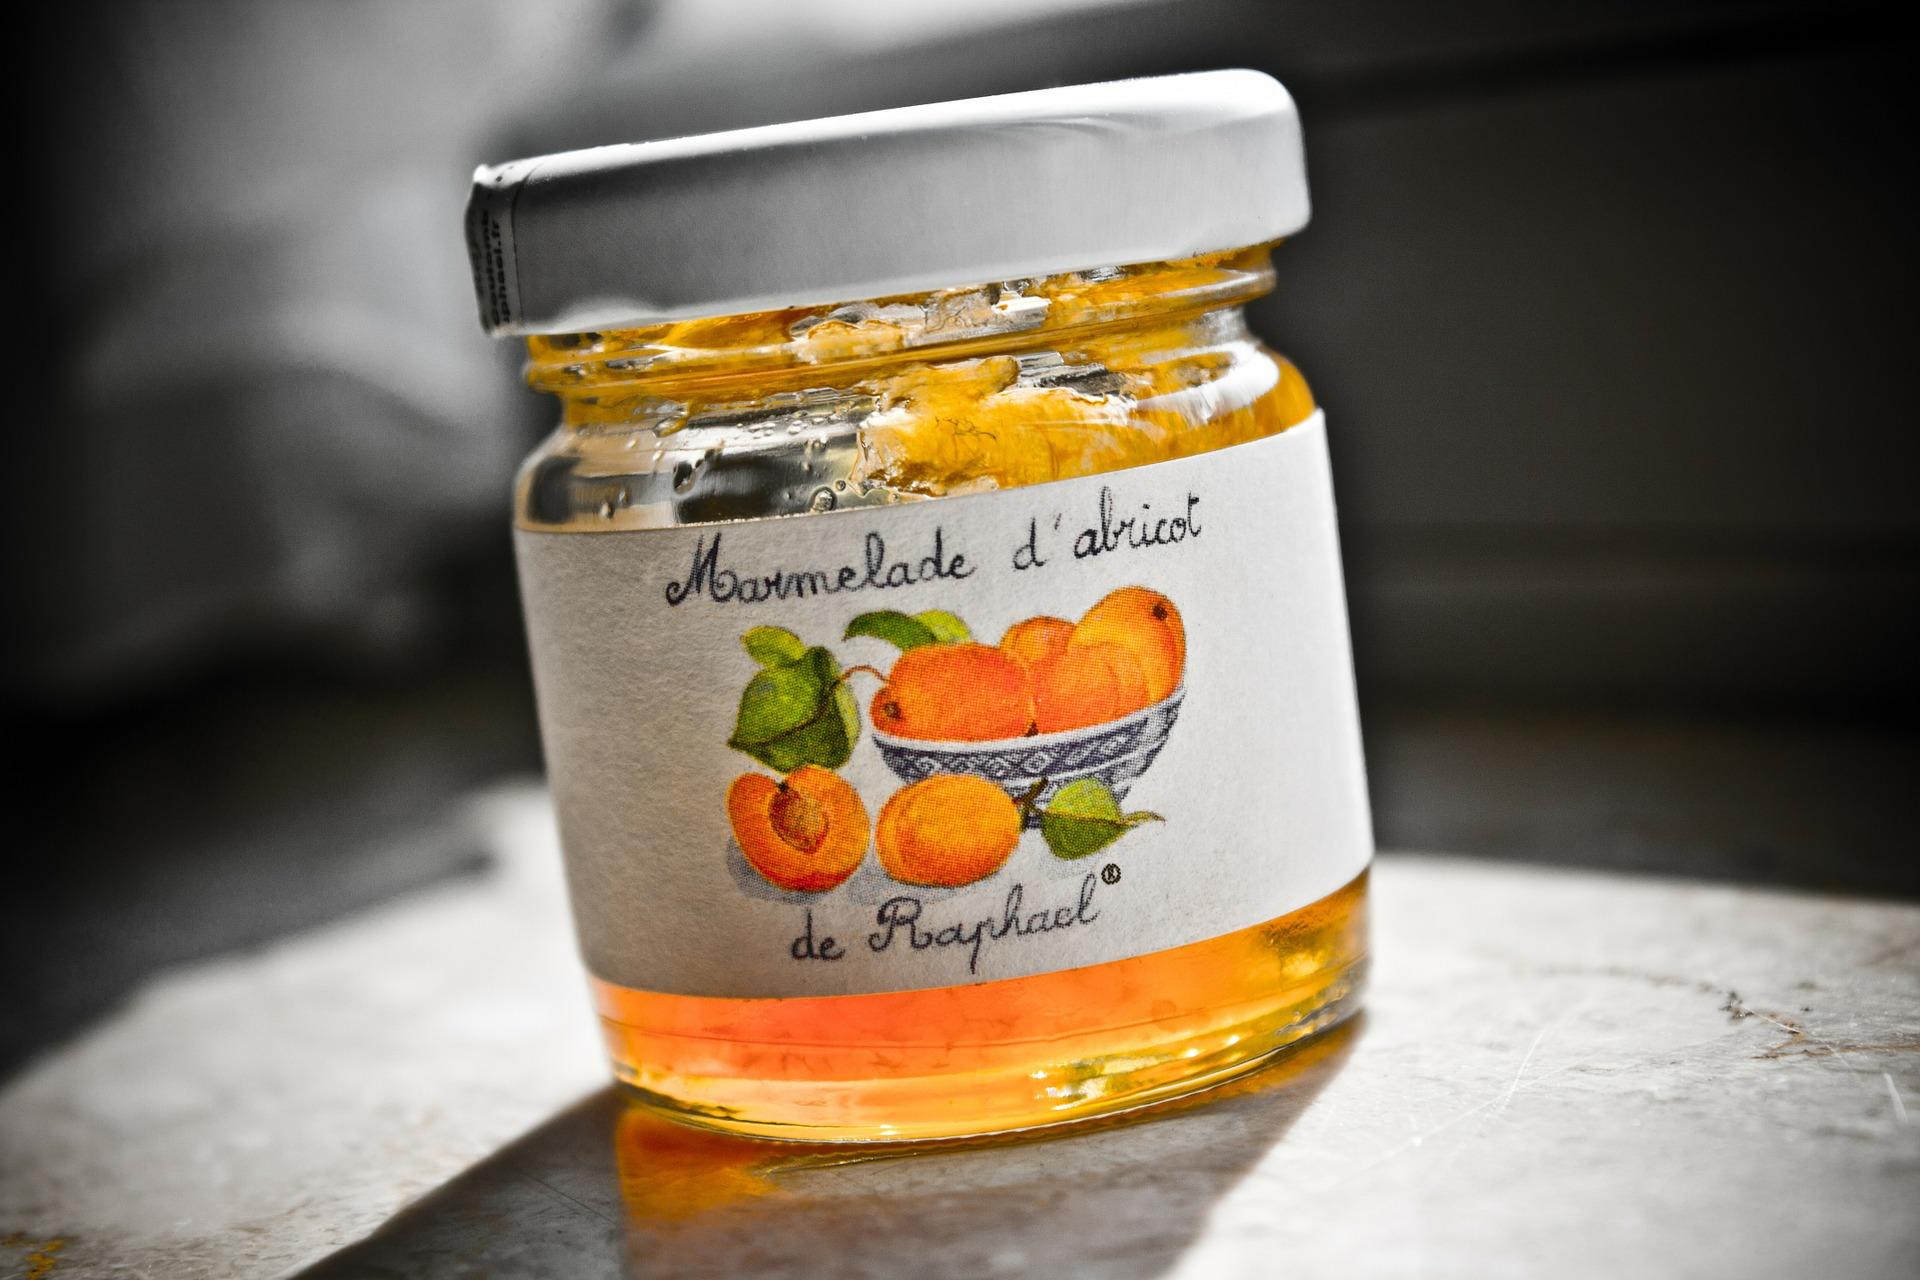 A gyümölcszselé fogyasztásának előnyei